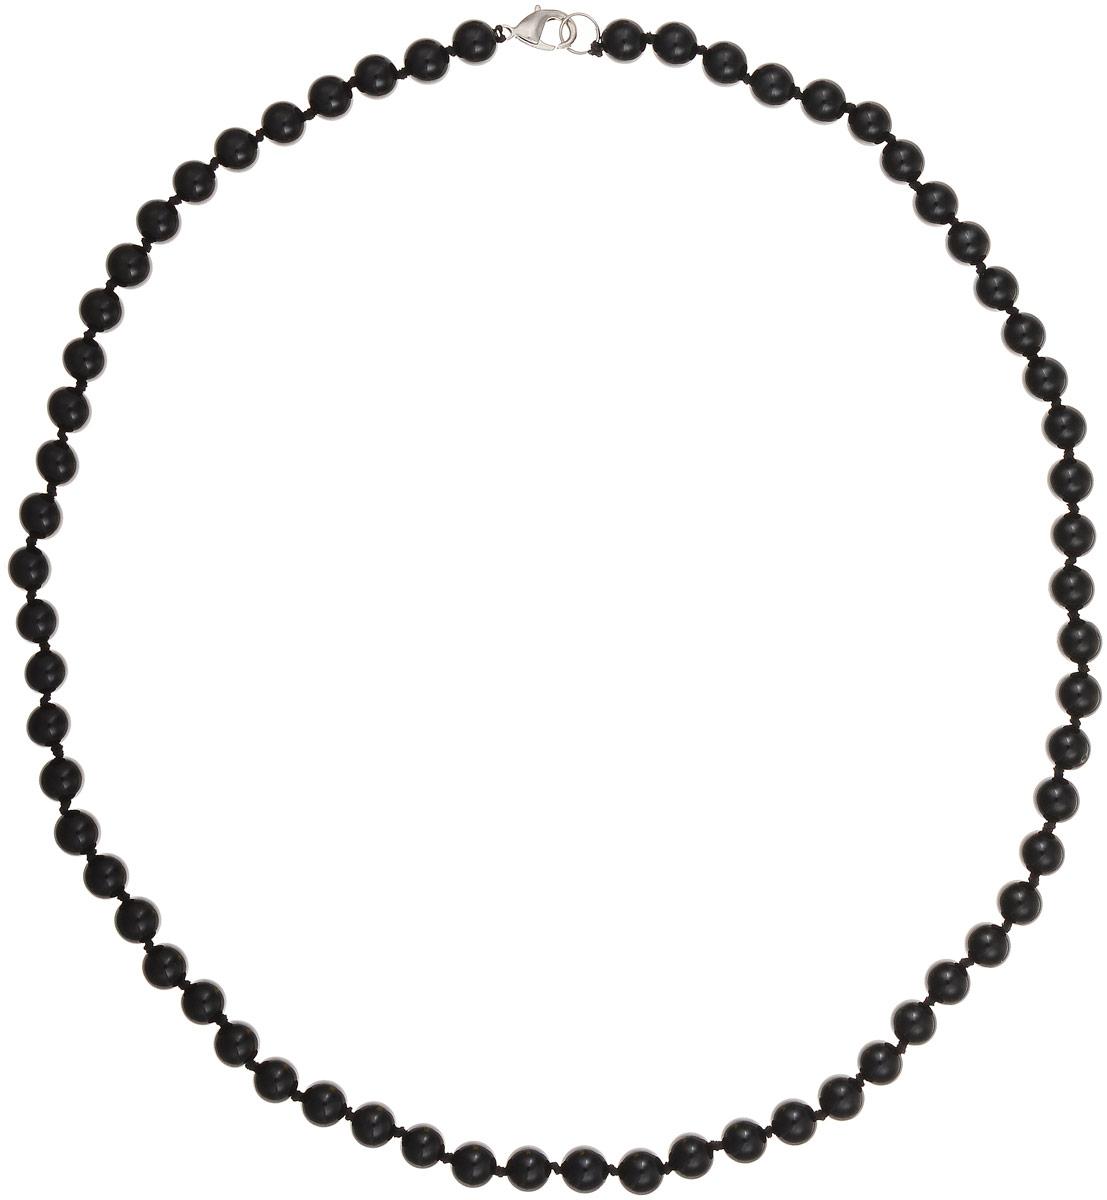 Бусы Art-Silver, цвет: черный, длина 60 см. ЧА8-60-309ЧА8-60-309Бусы Art-Silver выполнены из натурального агата, нанизанного на текстильную нить. Украшение застегивается на практичный карабин из бижутерного сплава. Бусины диаметром 7 мм имеют благородный черный цвет, характерный для агата. Такие бусы украсят как вечерний, так и повседневный наряд.